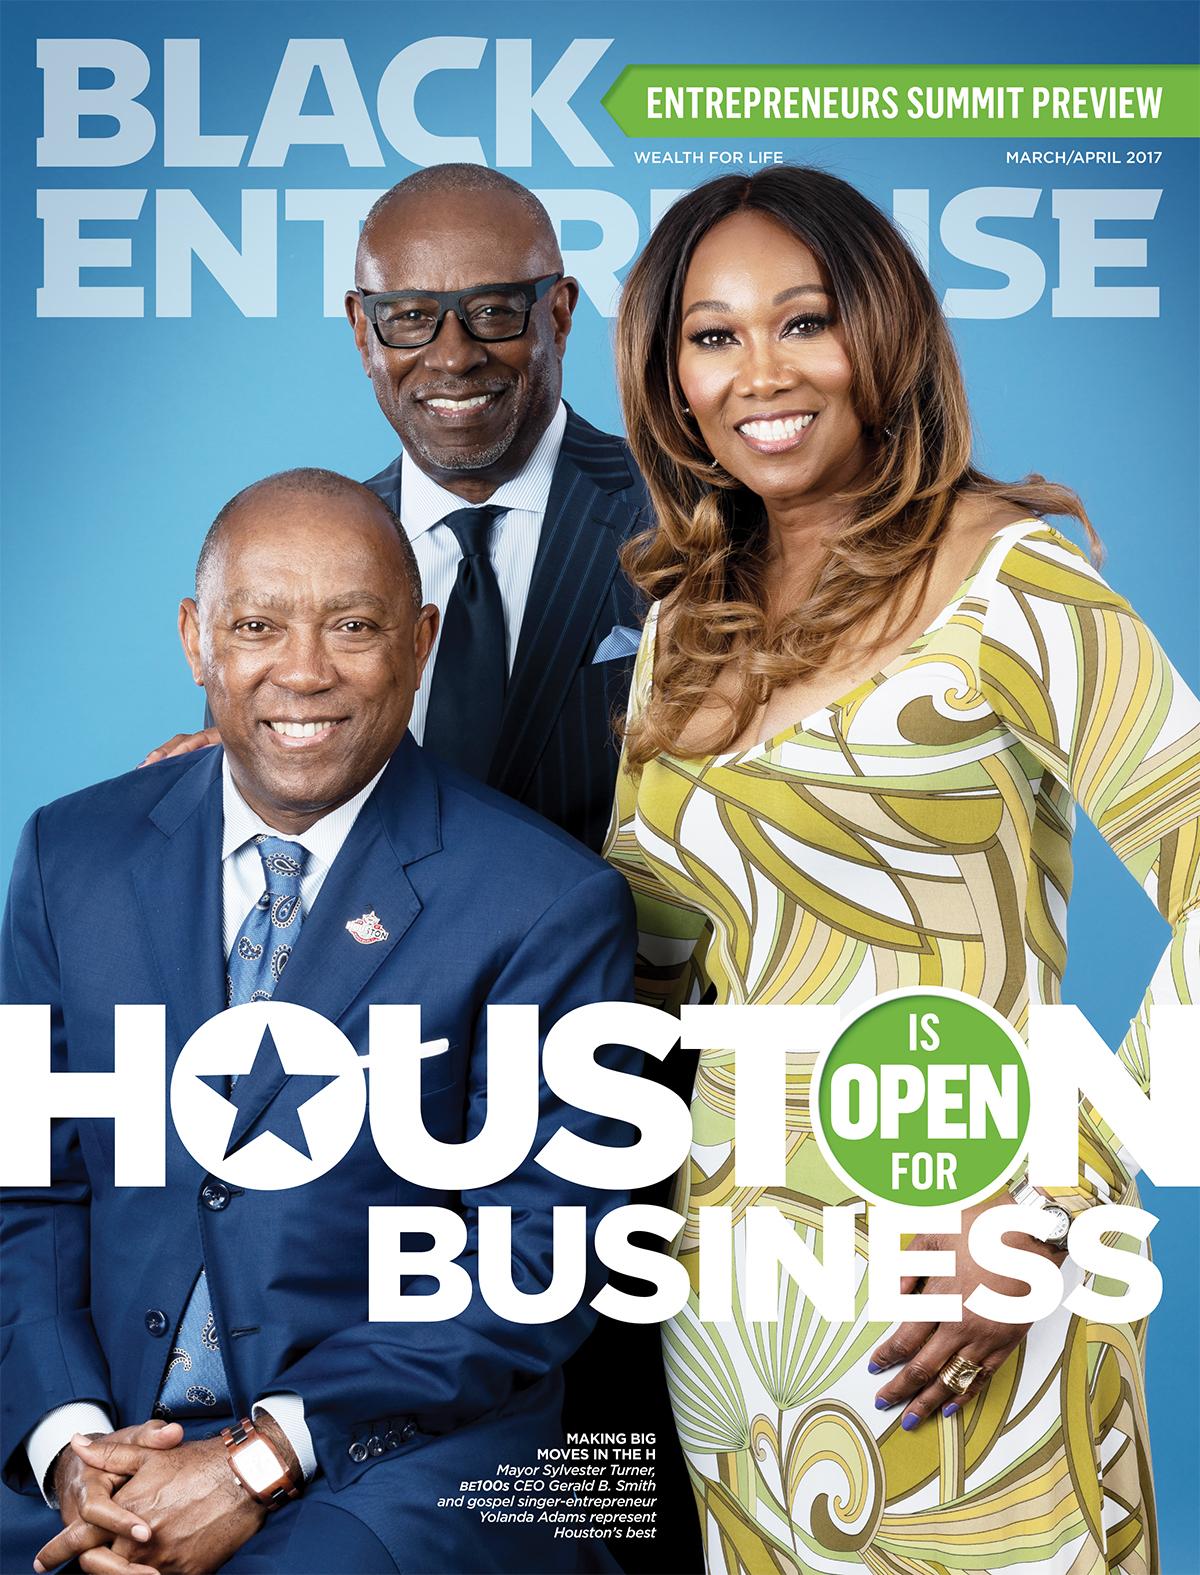 Black Enterprise Magazine March/April 2017 Issue